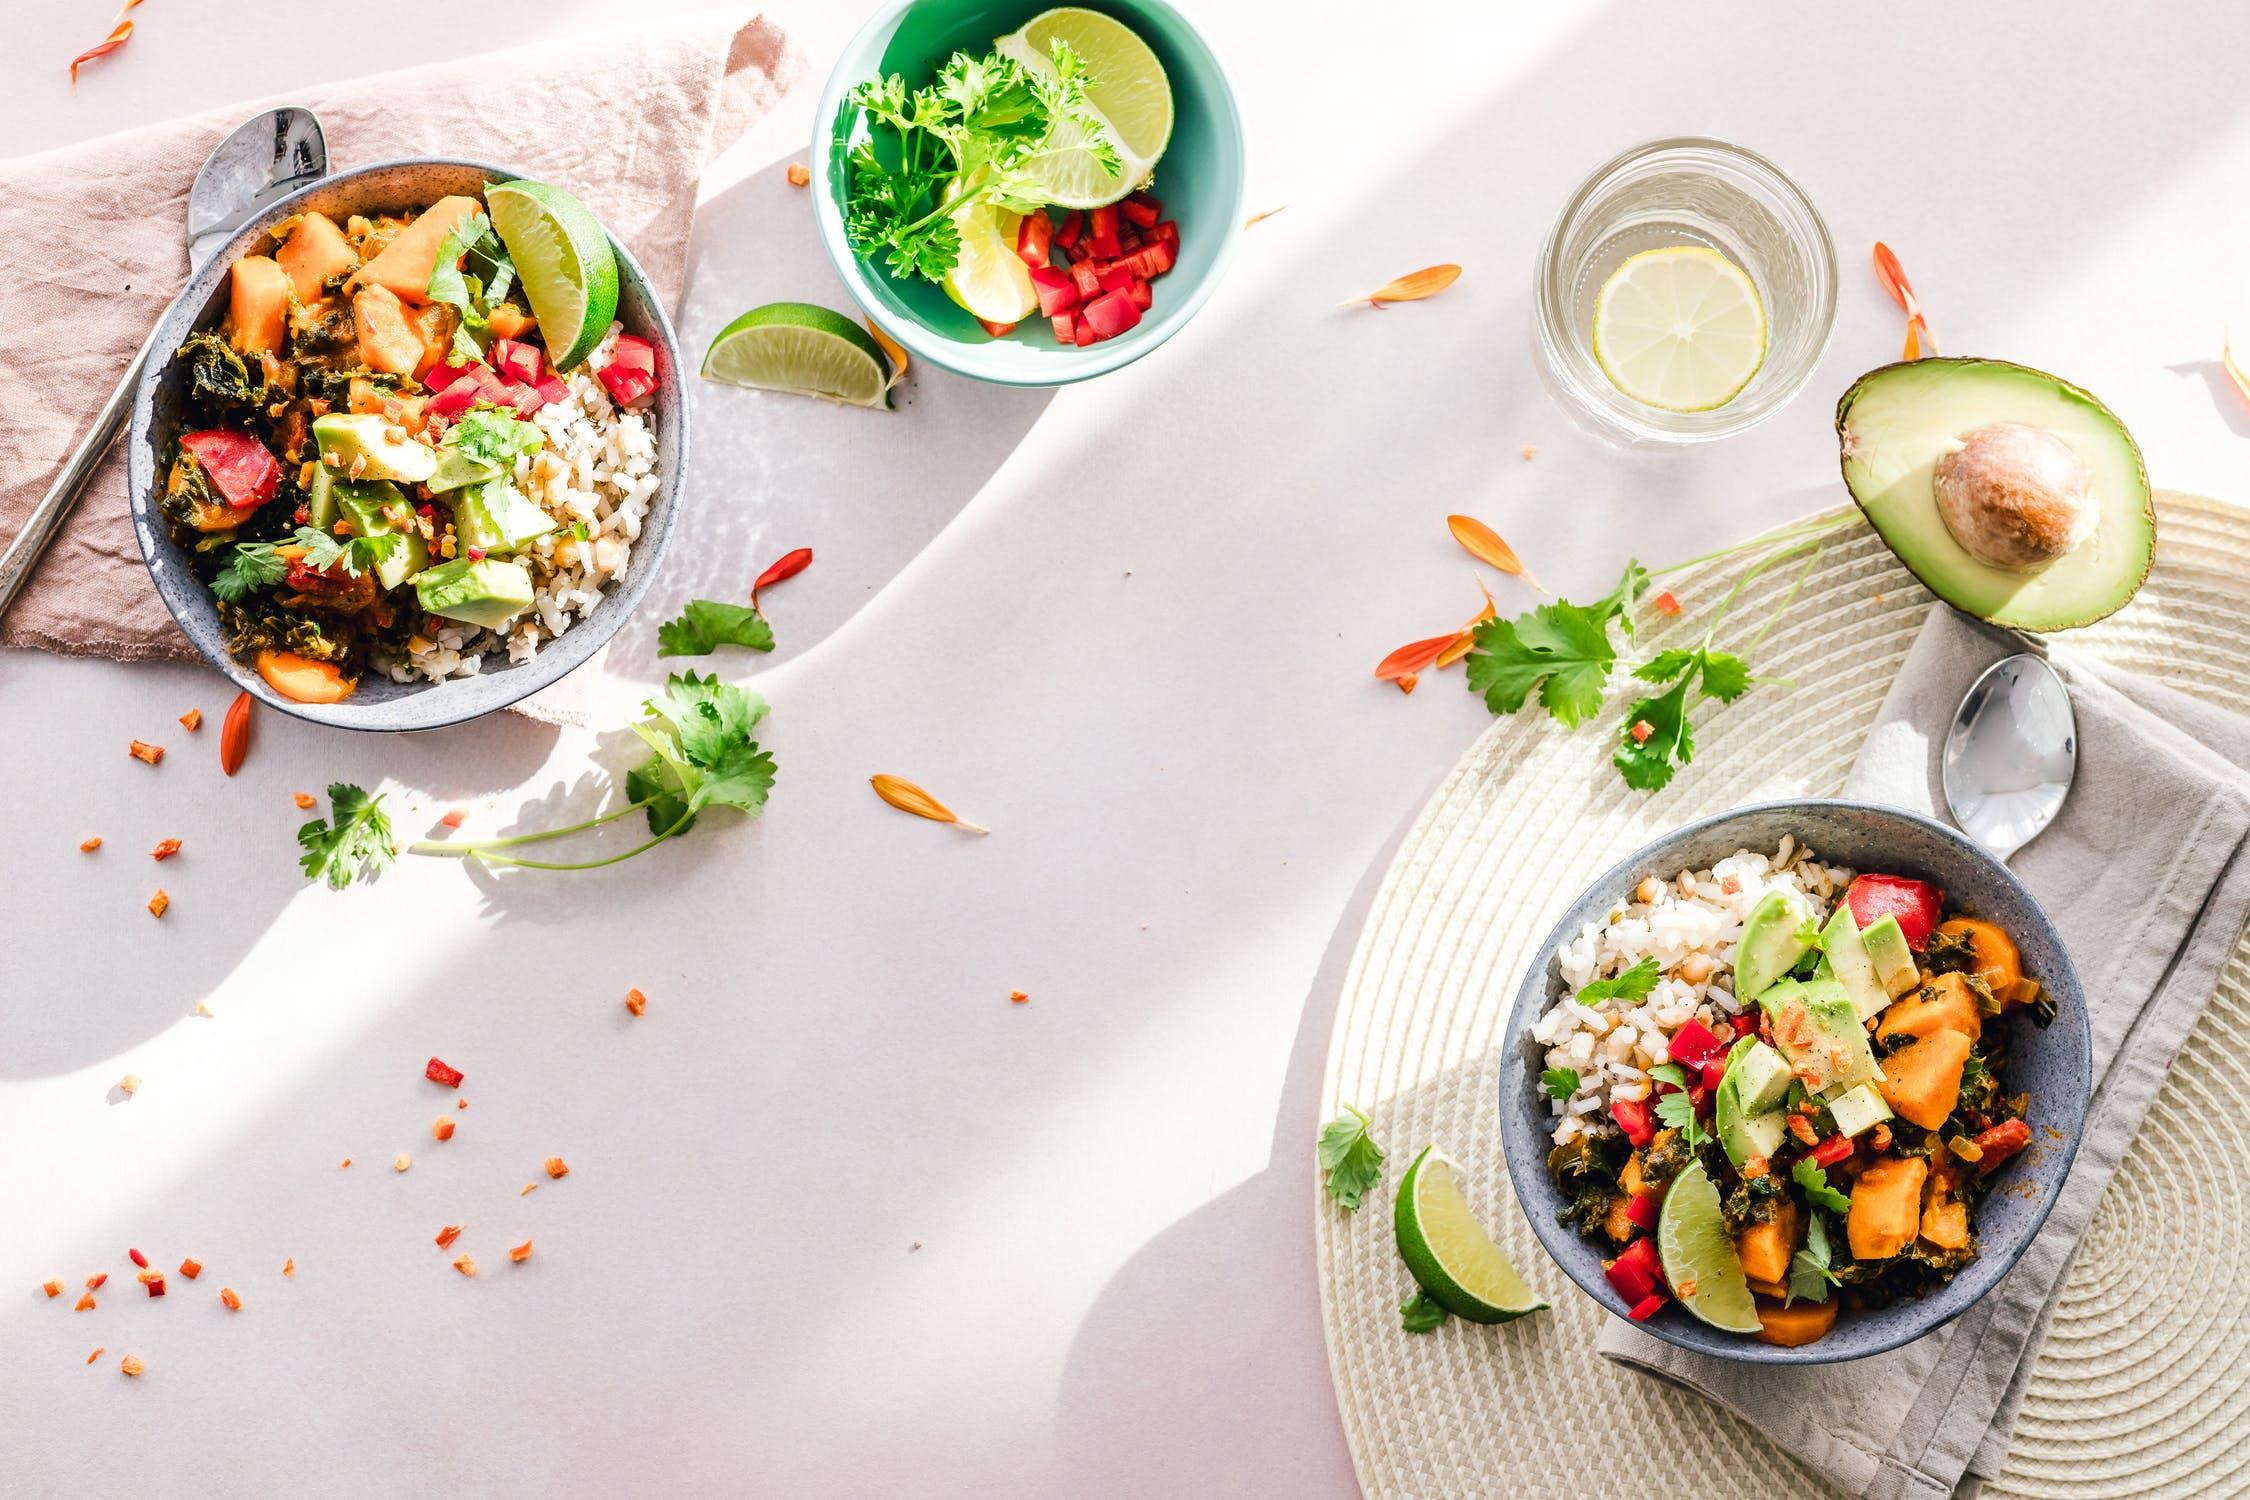 Zdrowie  Dieta na odporność – jak wzmocnić organizm?